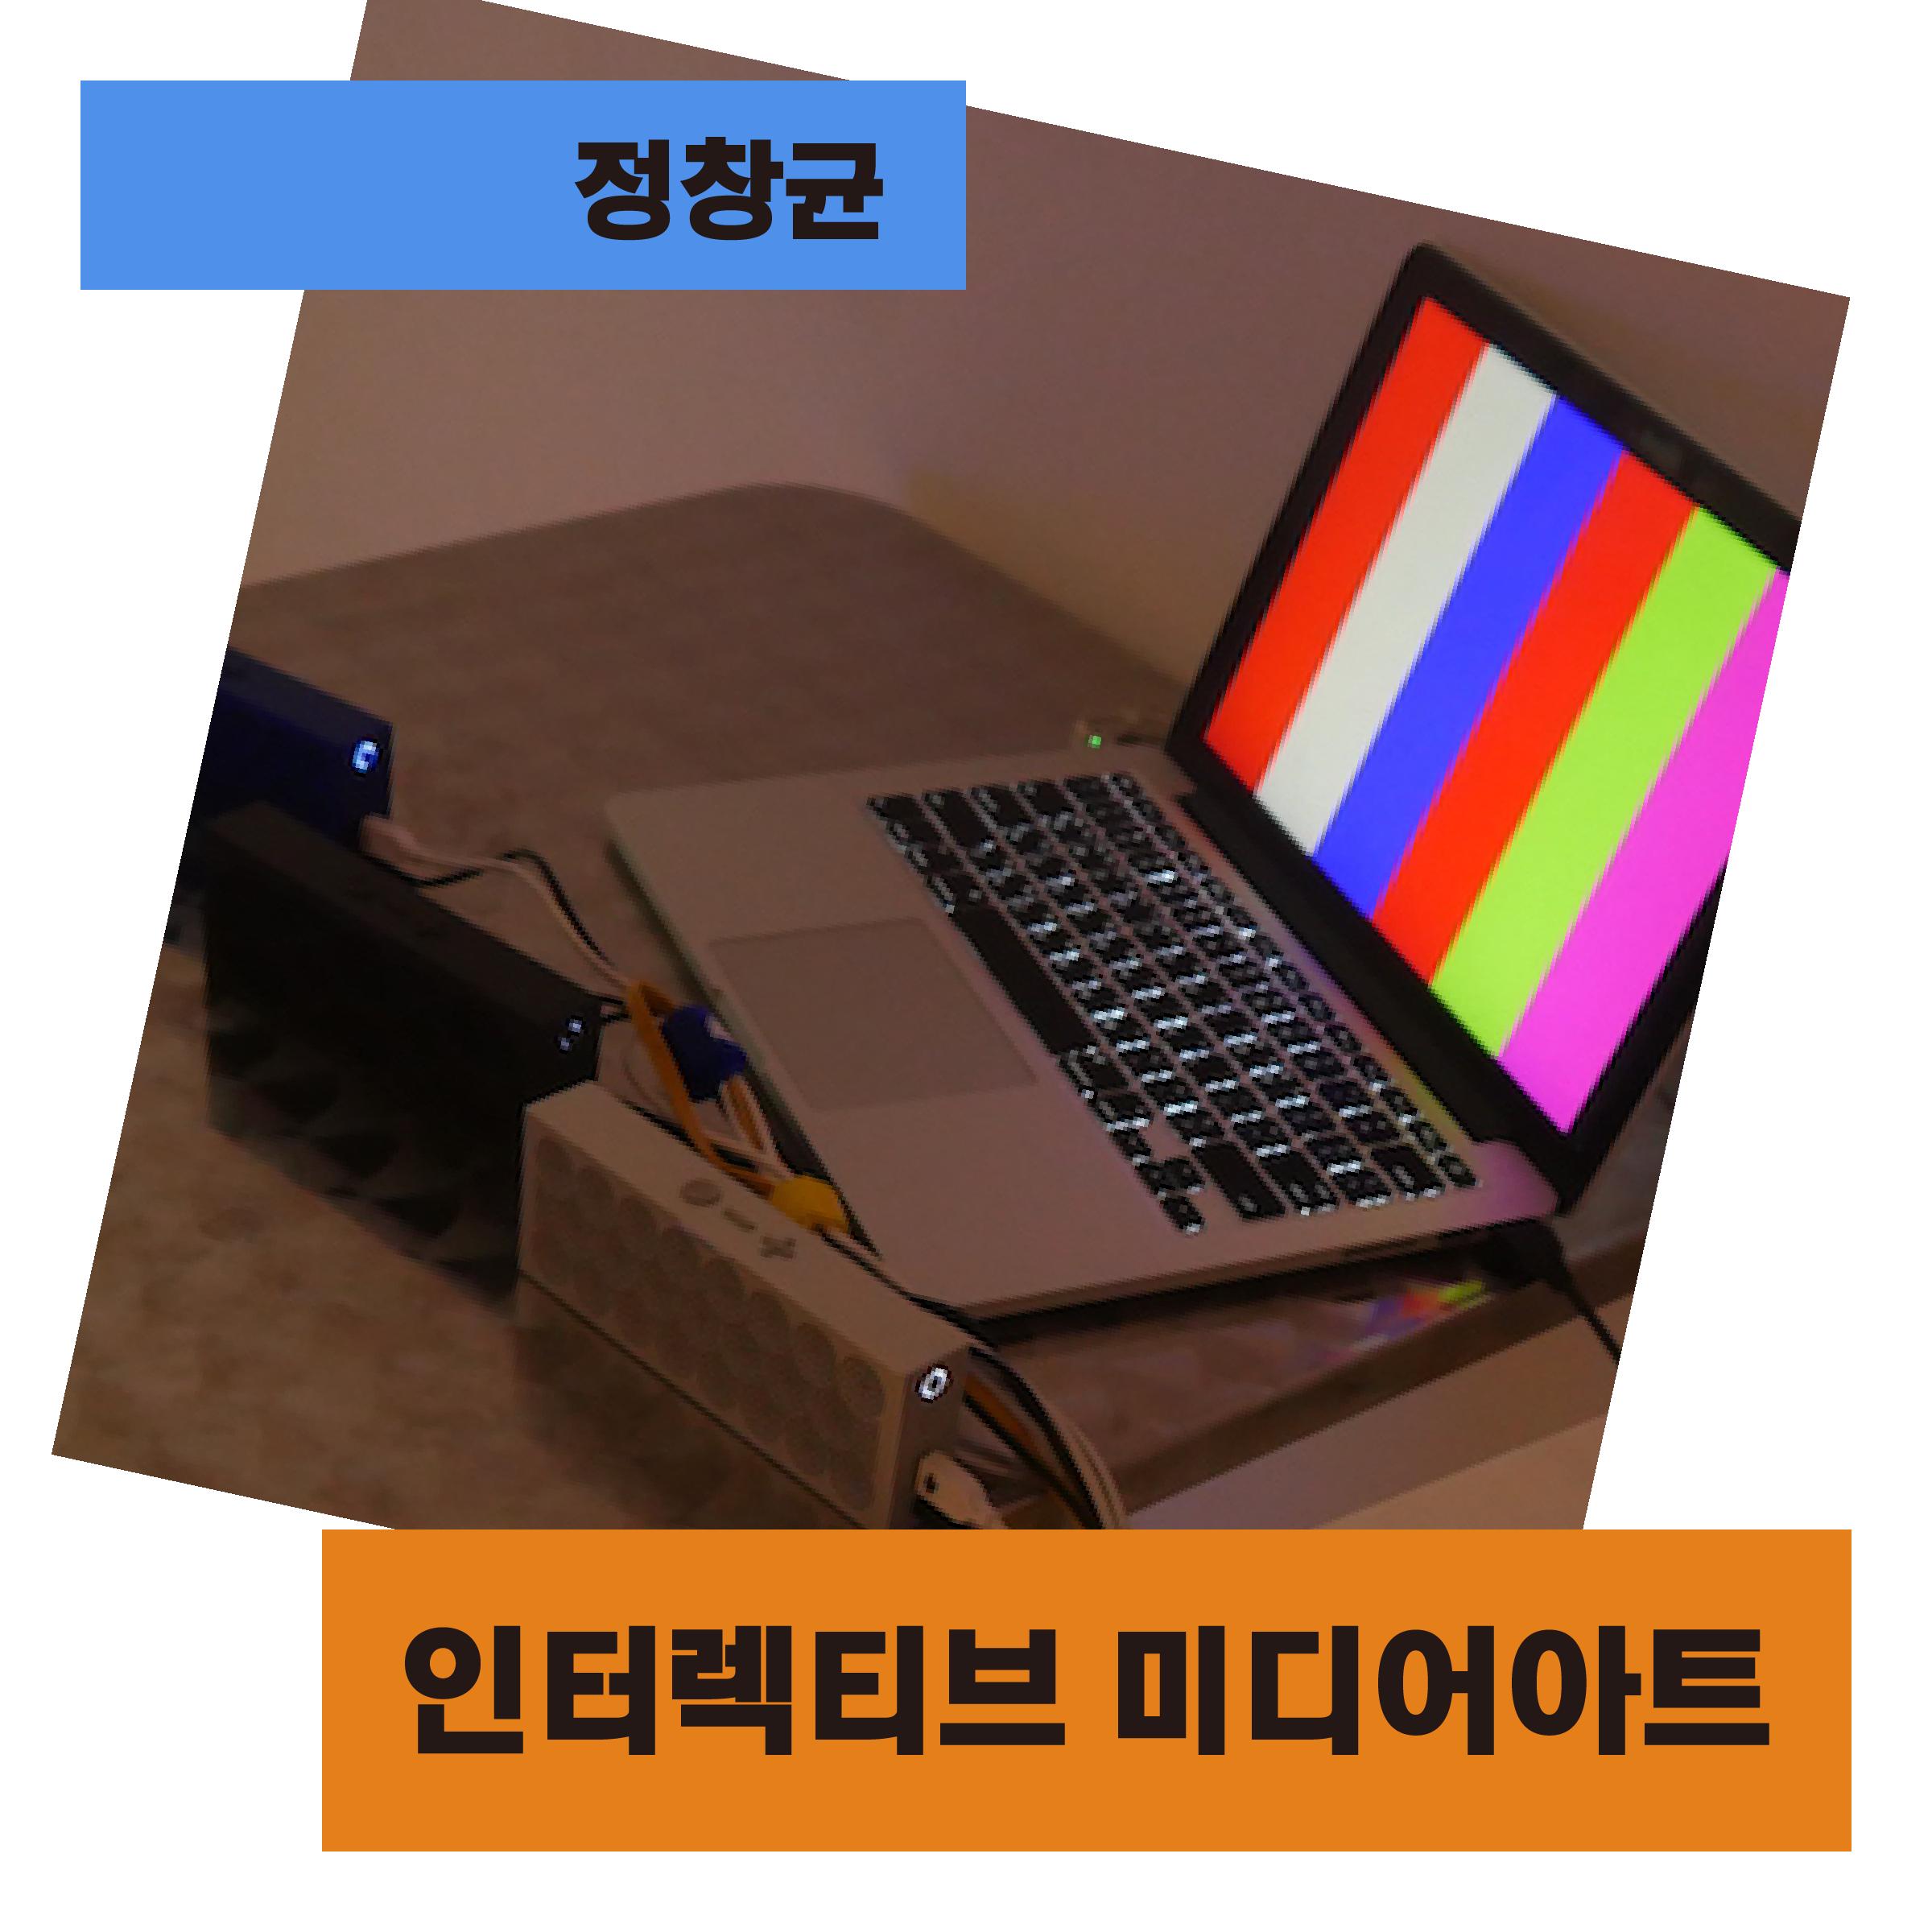 메인_정창균